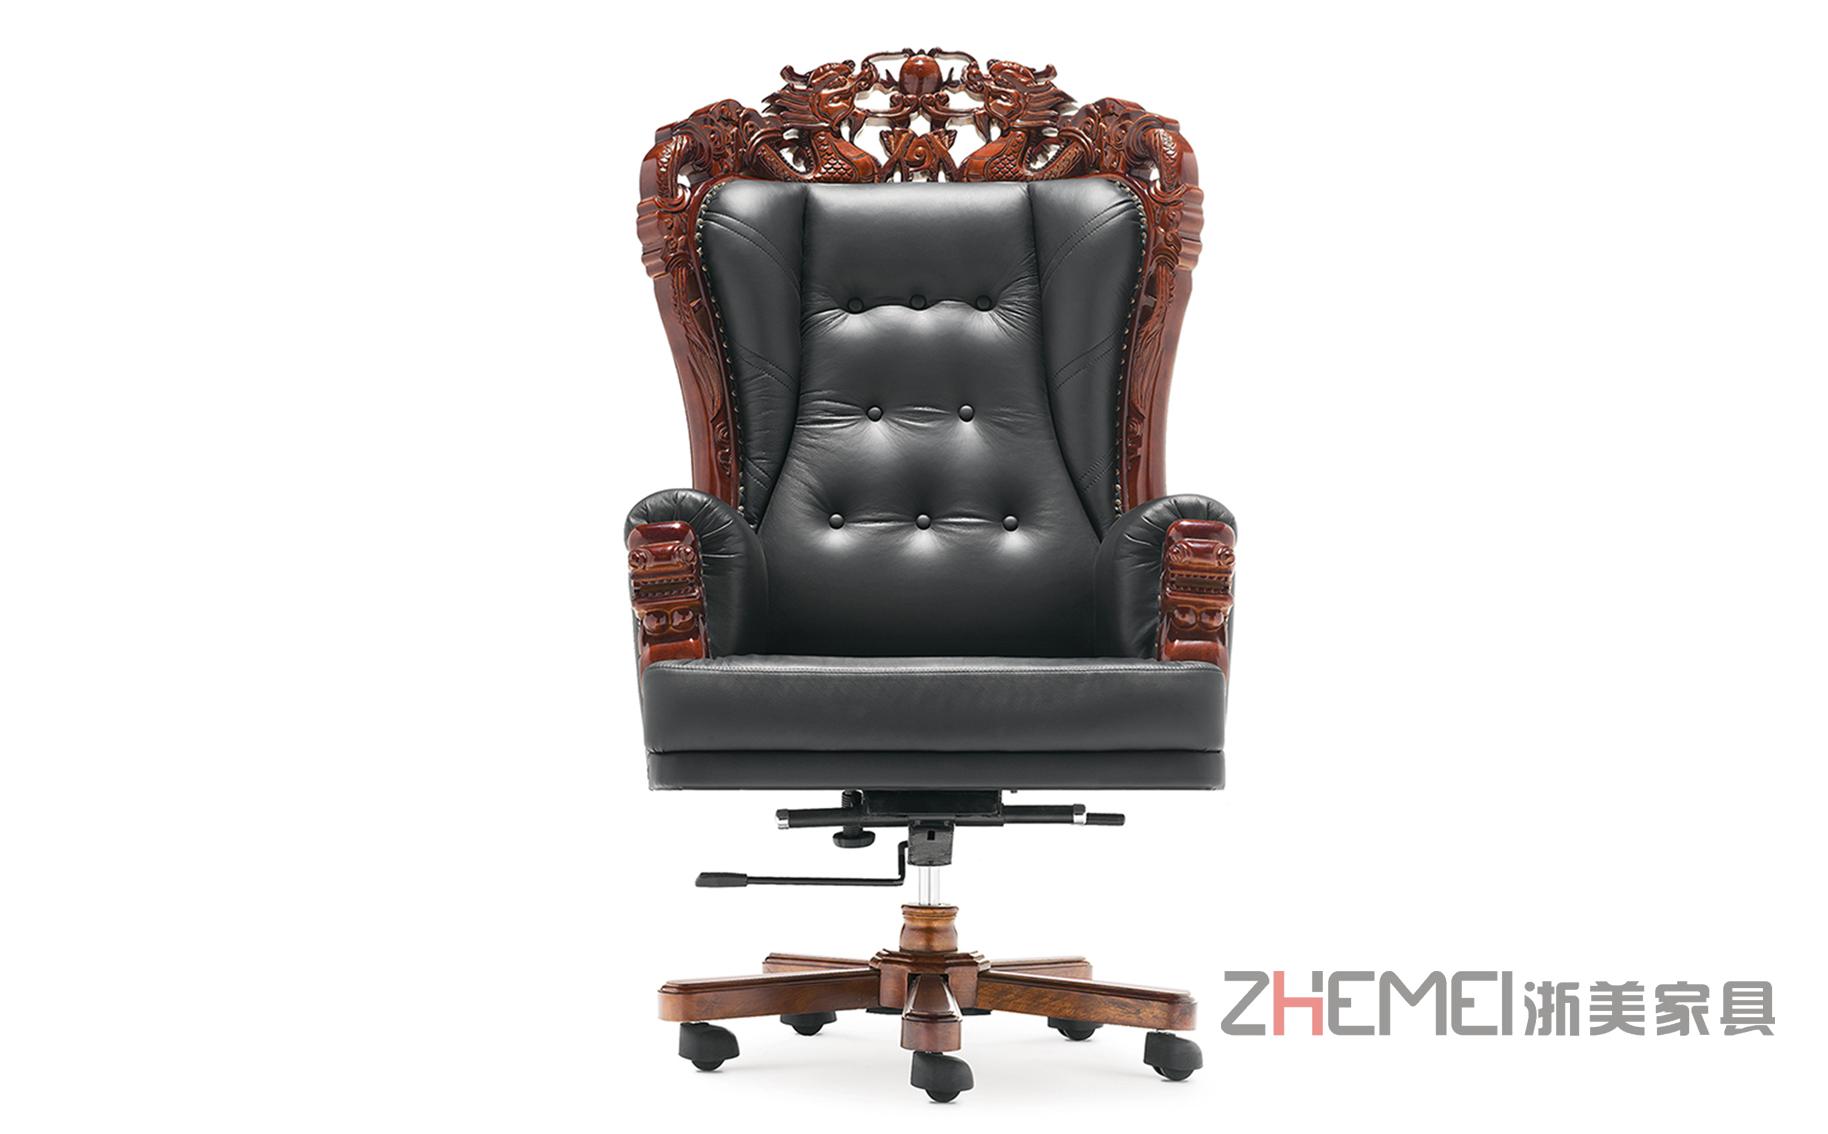 浙美办公家具高贵时尚办公室牛皮老板椅办公椅WS-950